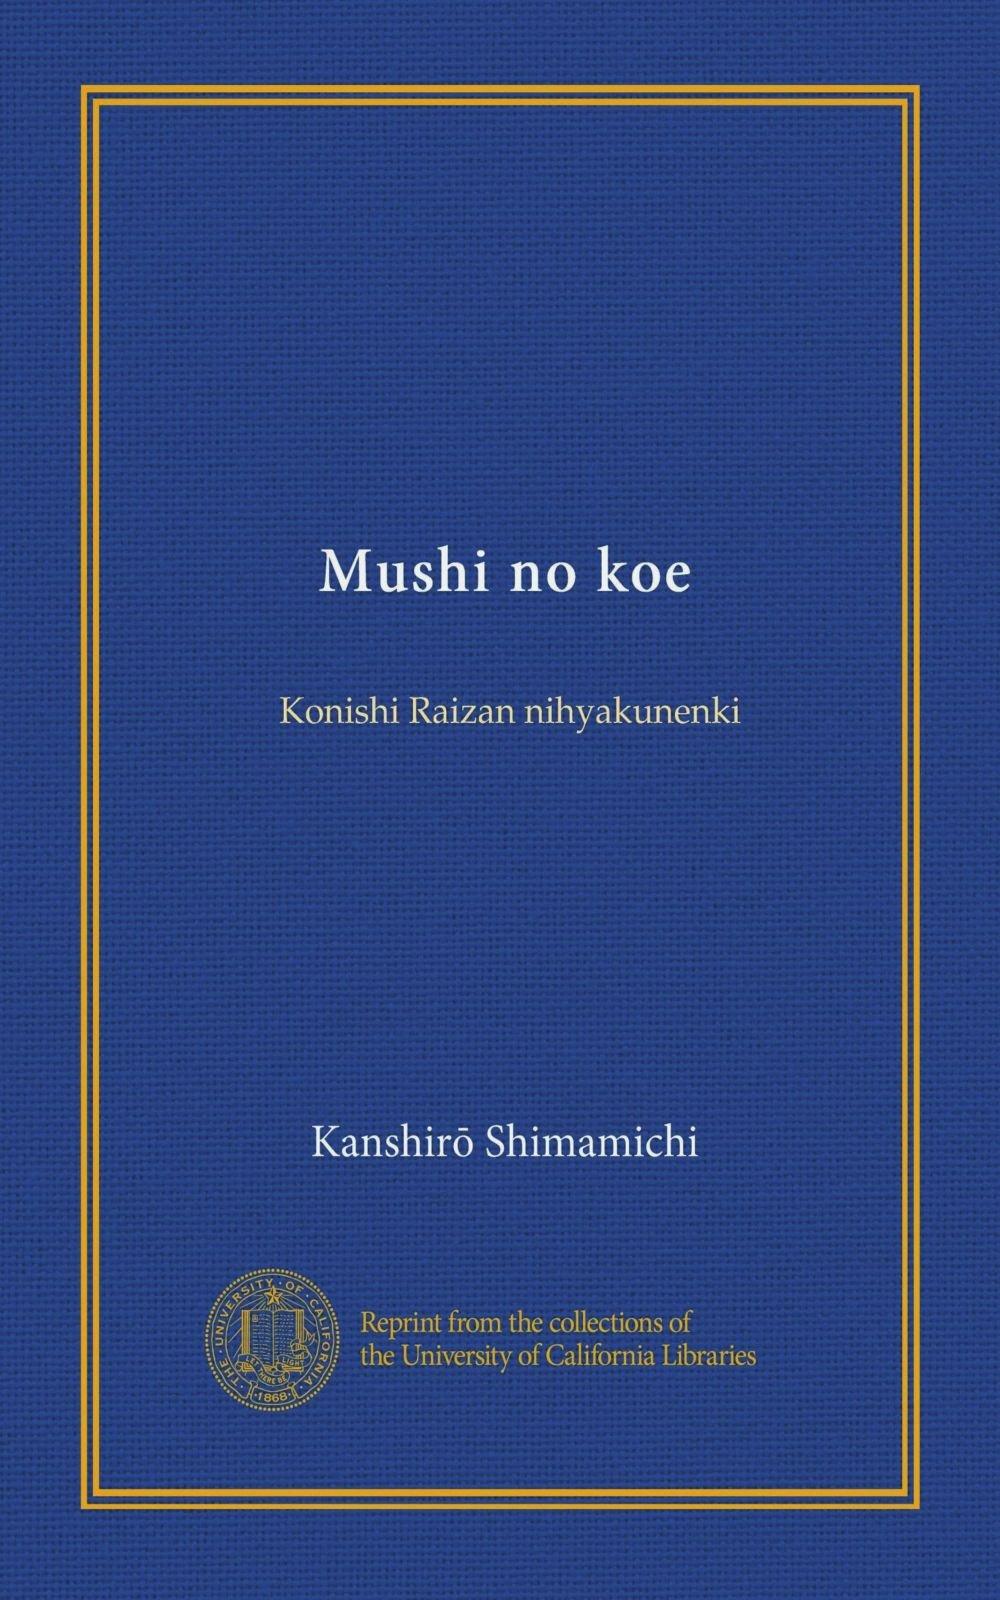 Mushi no koe (Vol-1): Konishi Raizan nihyakunenki (Japanese Edition) pdf